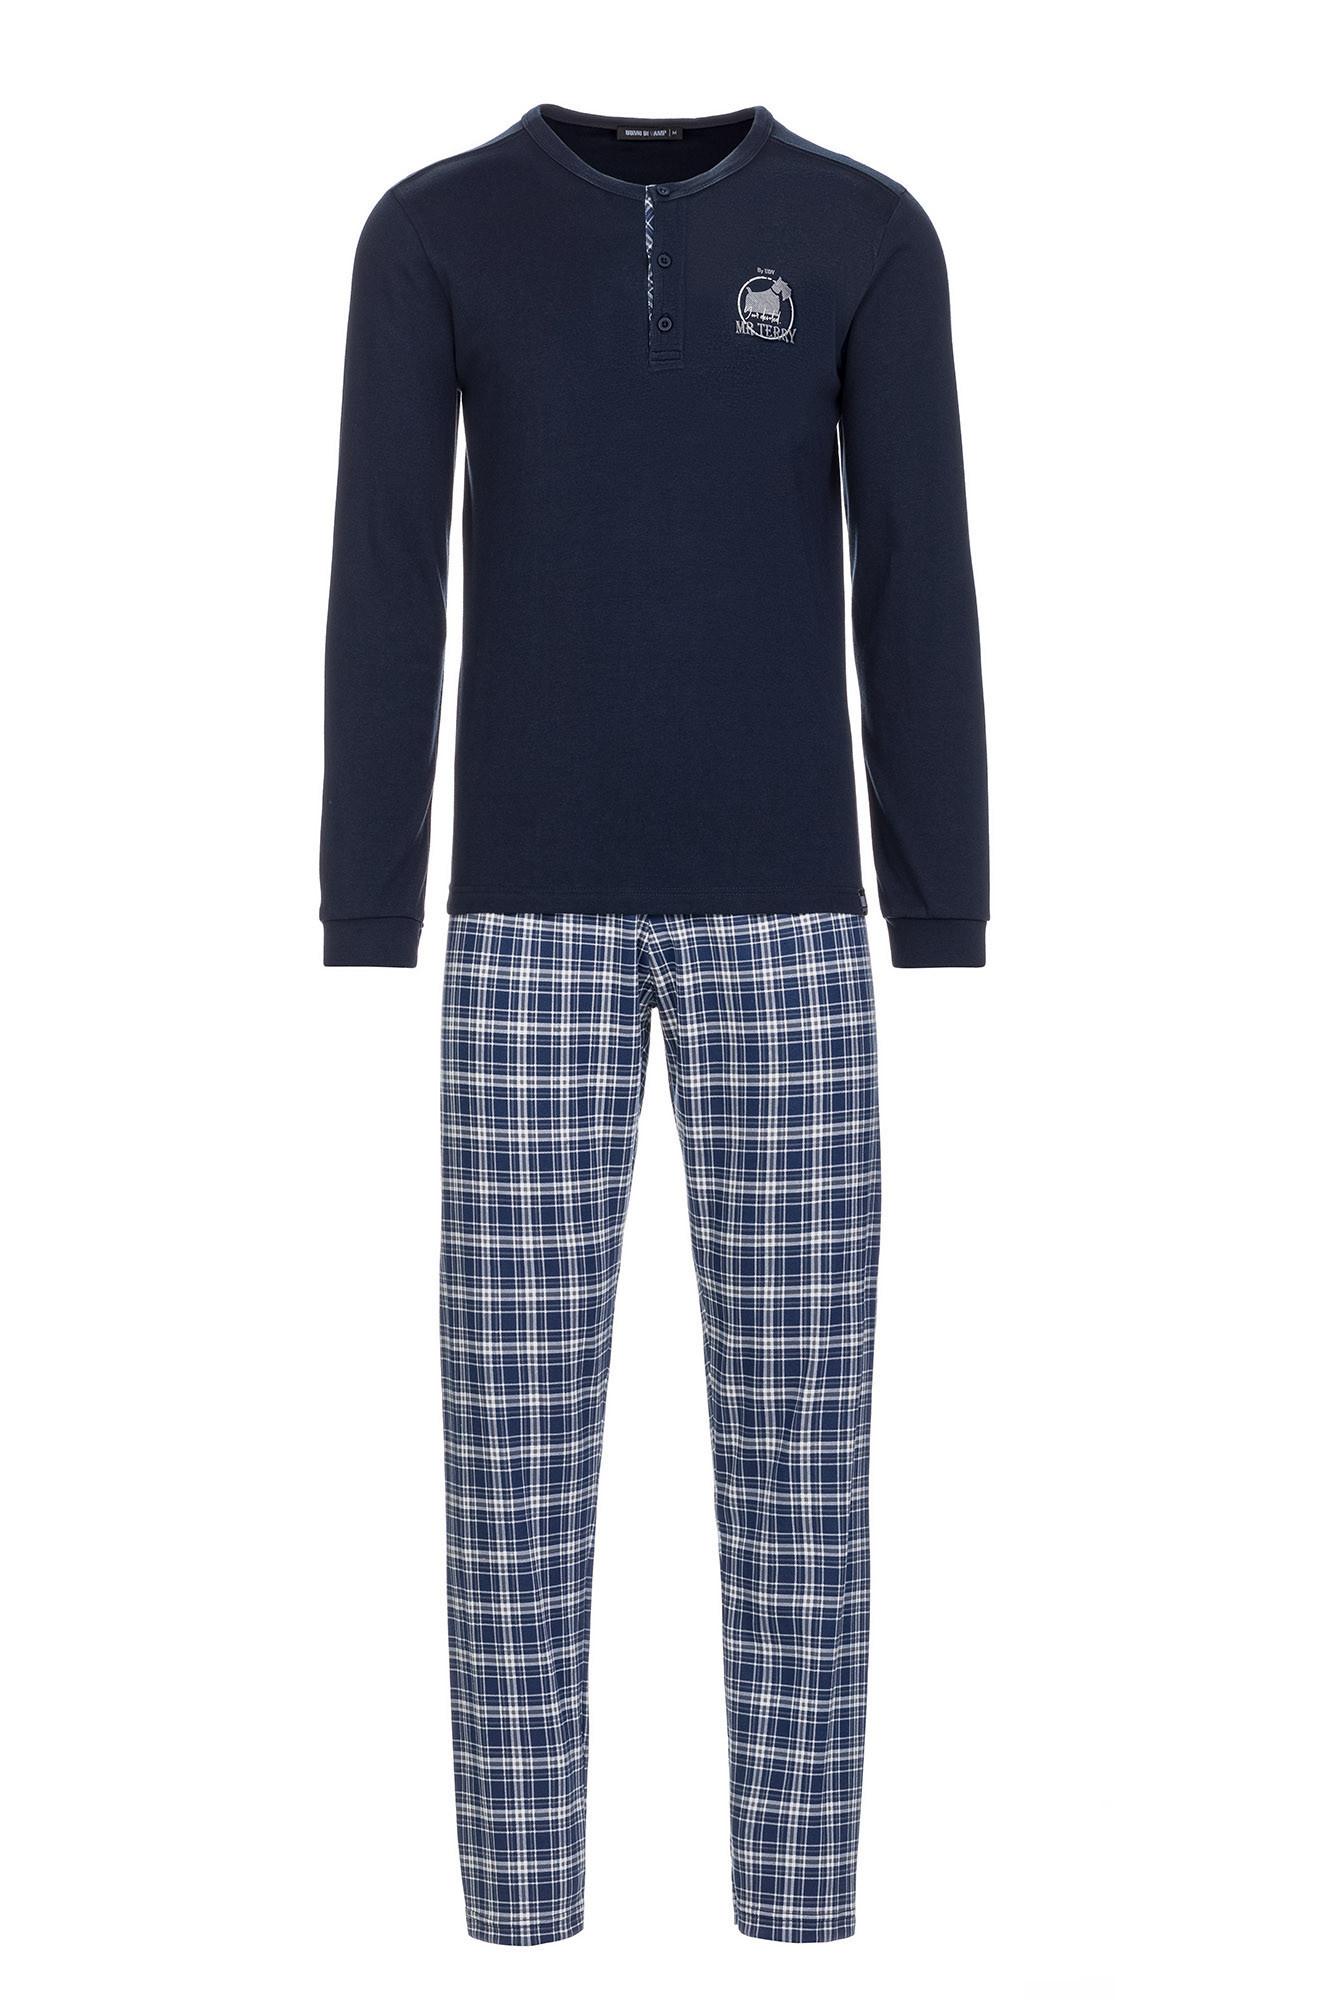 Vamp - Pánske pohodlné pyžamo 13700 - Vamp blue xxl